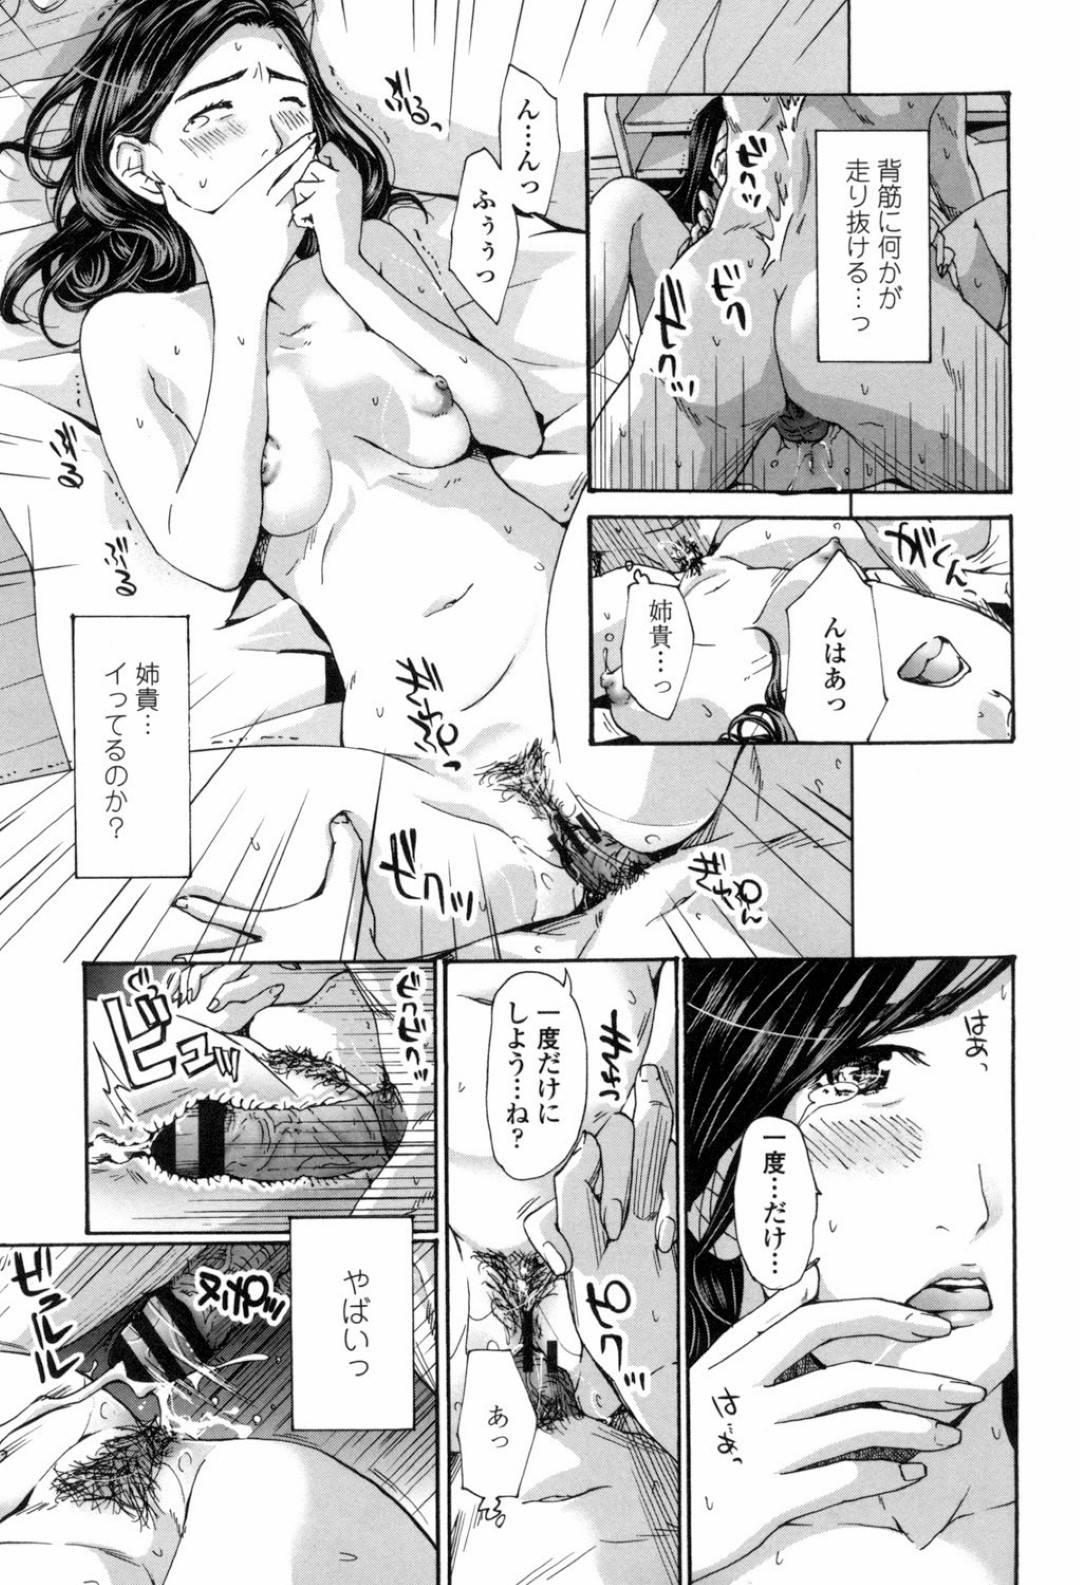 【エロ漫画】彼女と別れて帰ってきた弟に酔って発情される巨乳熟女…抱きつかれディープキスしてされるままに生挿入、弟のチンポで絶頂し外出しぶっかけ近親相姦セックス【あさぎ龍:登子】